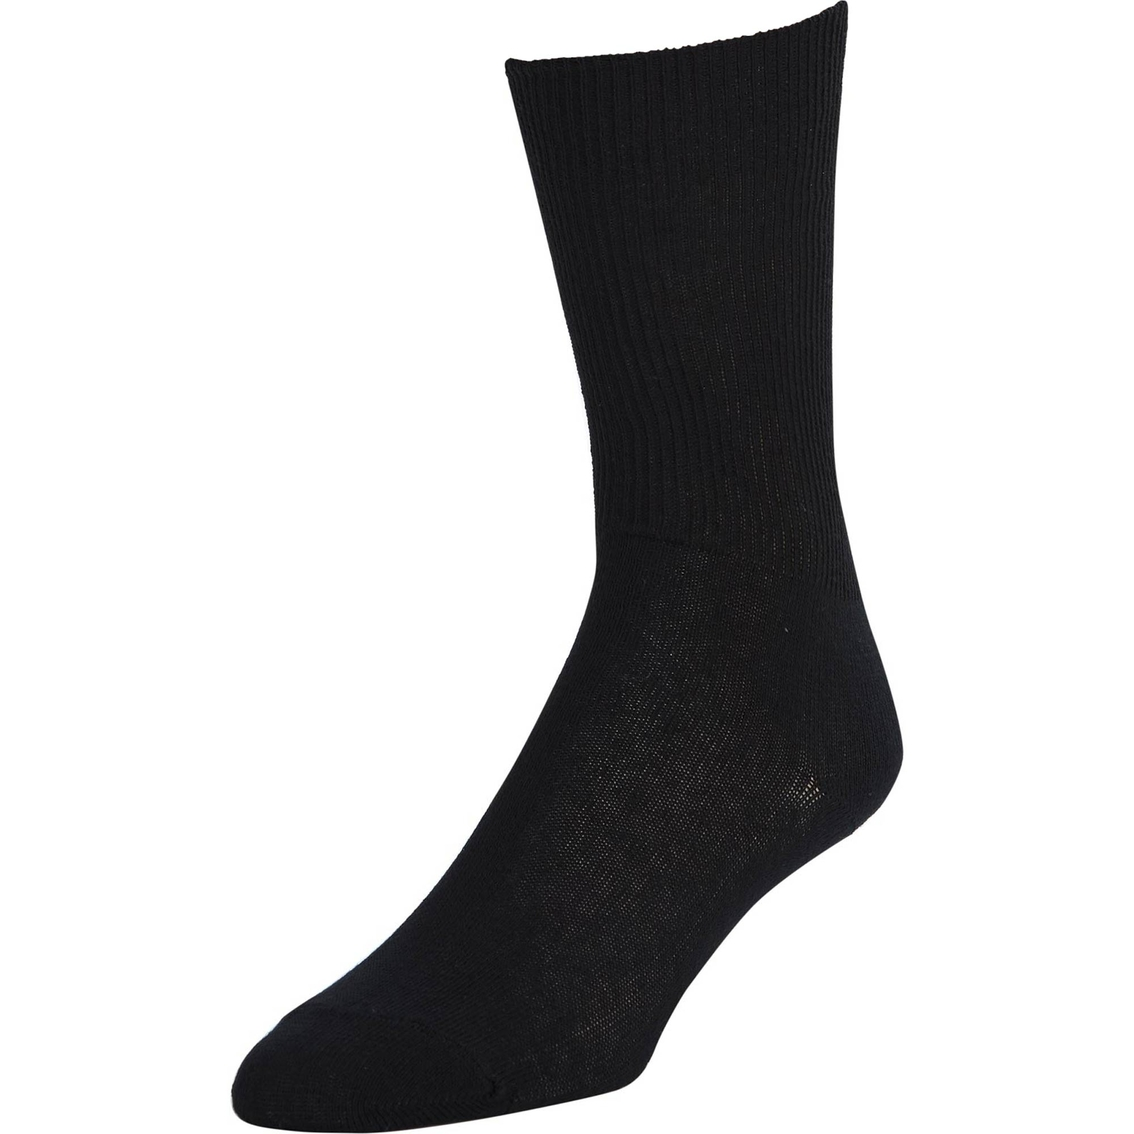 Black Nylon Socks